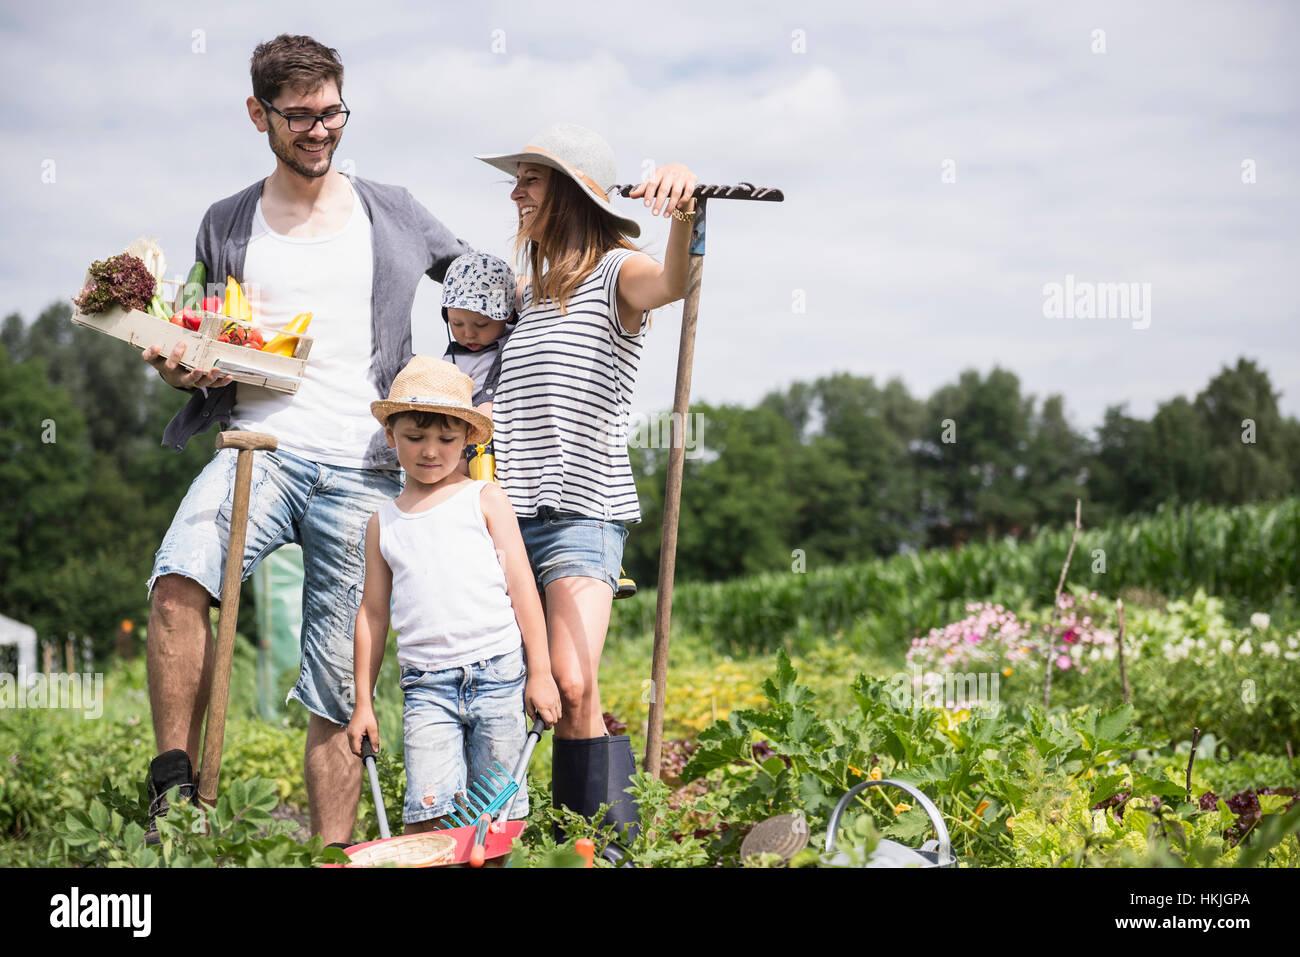 Familia cosechando vegetales en el jardín comunitario, Baviera, Alemania Foto de stock